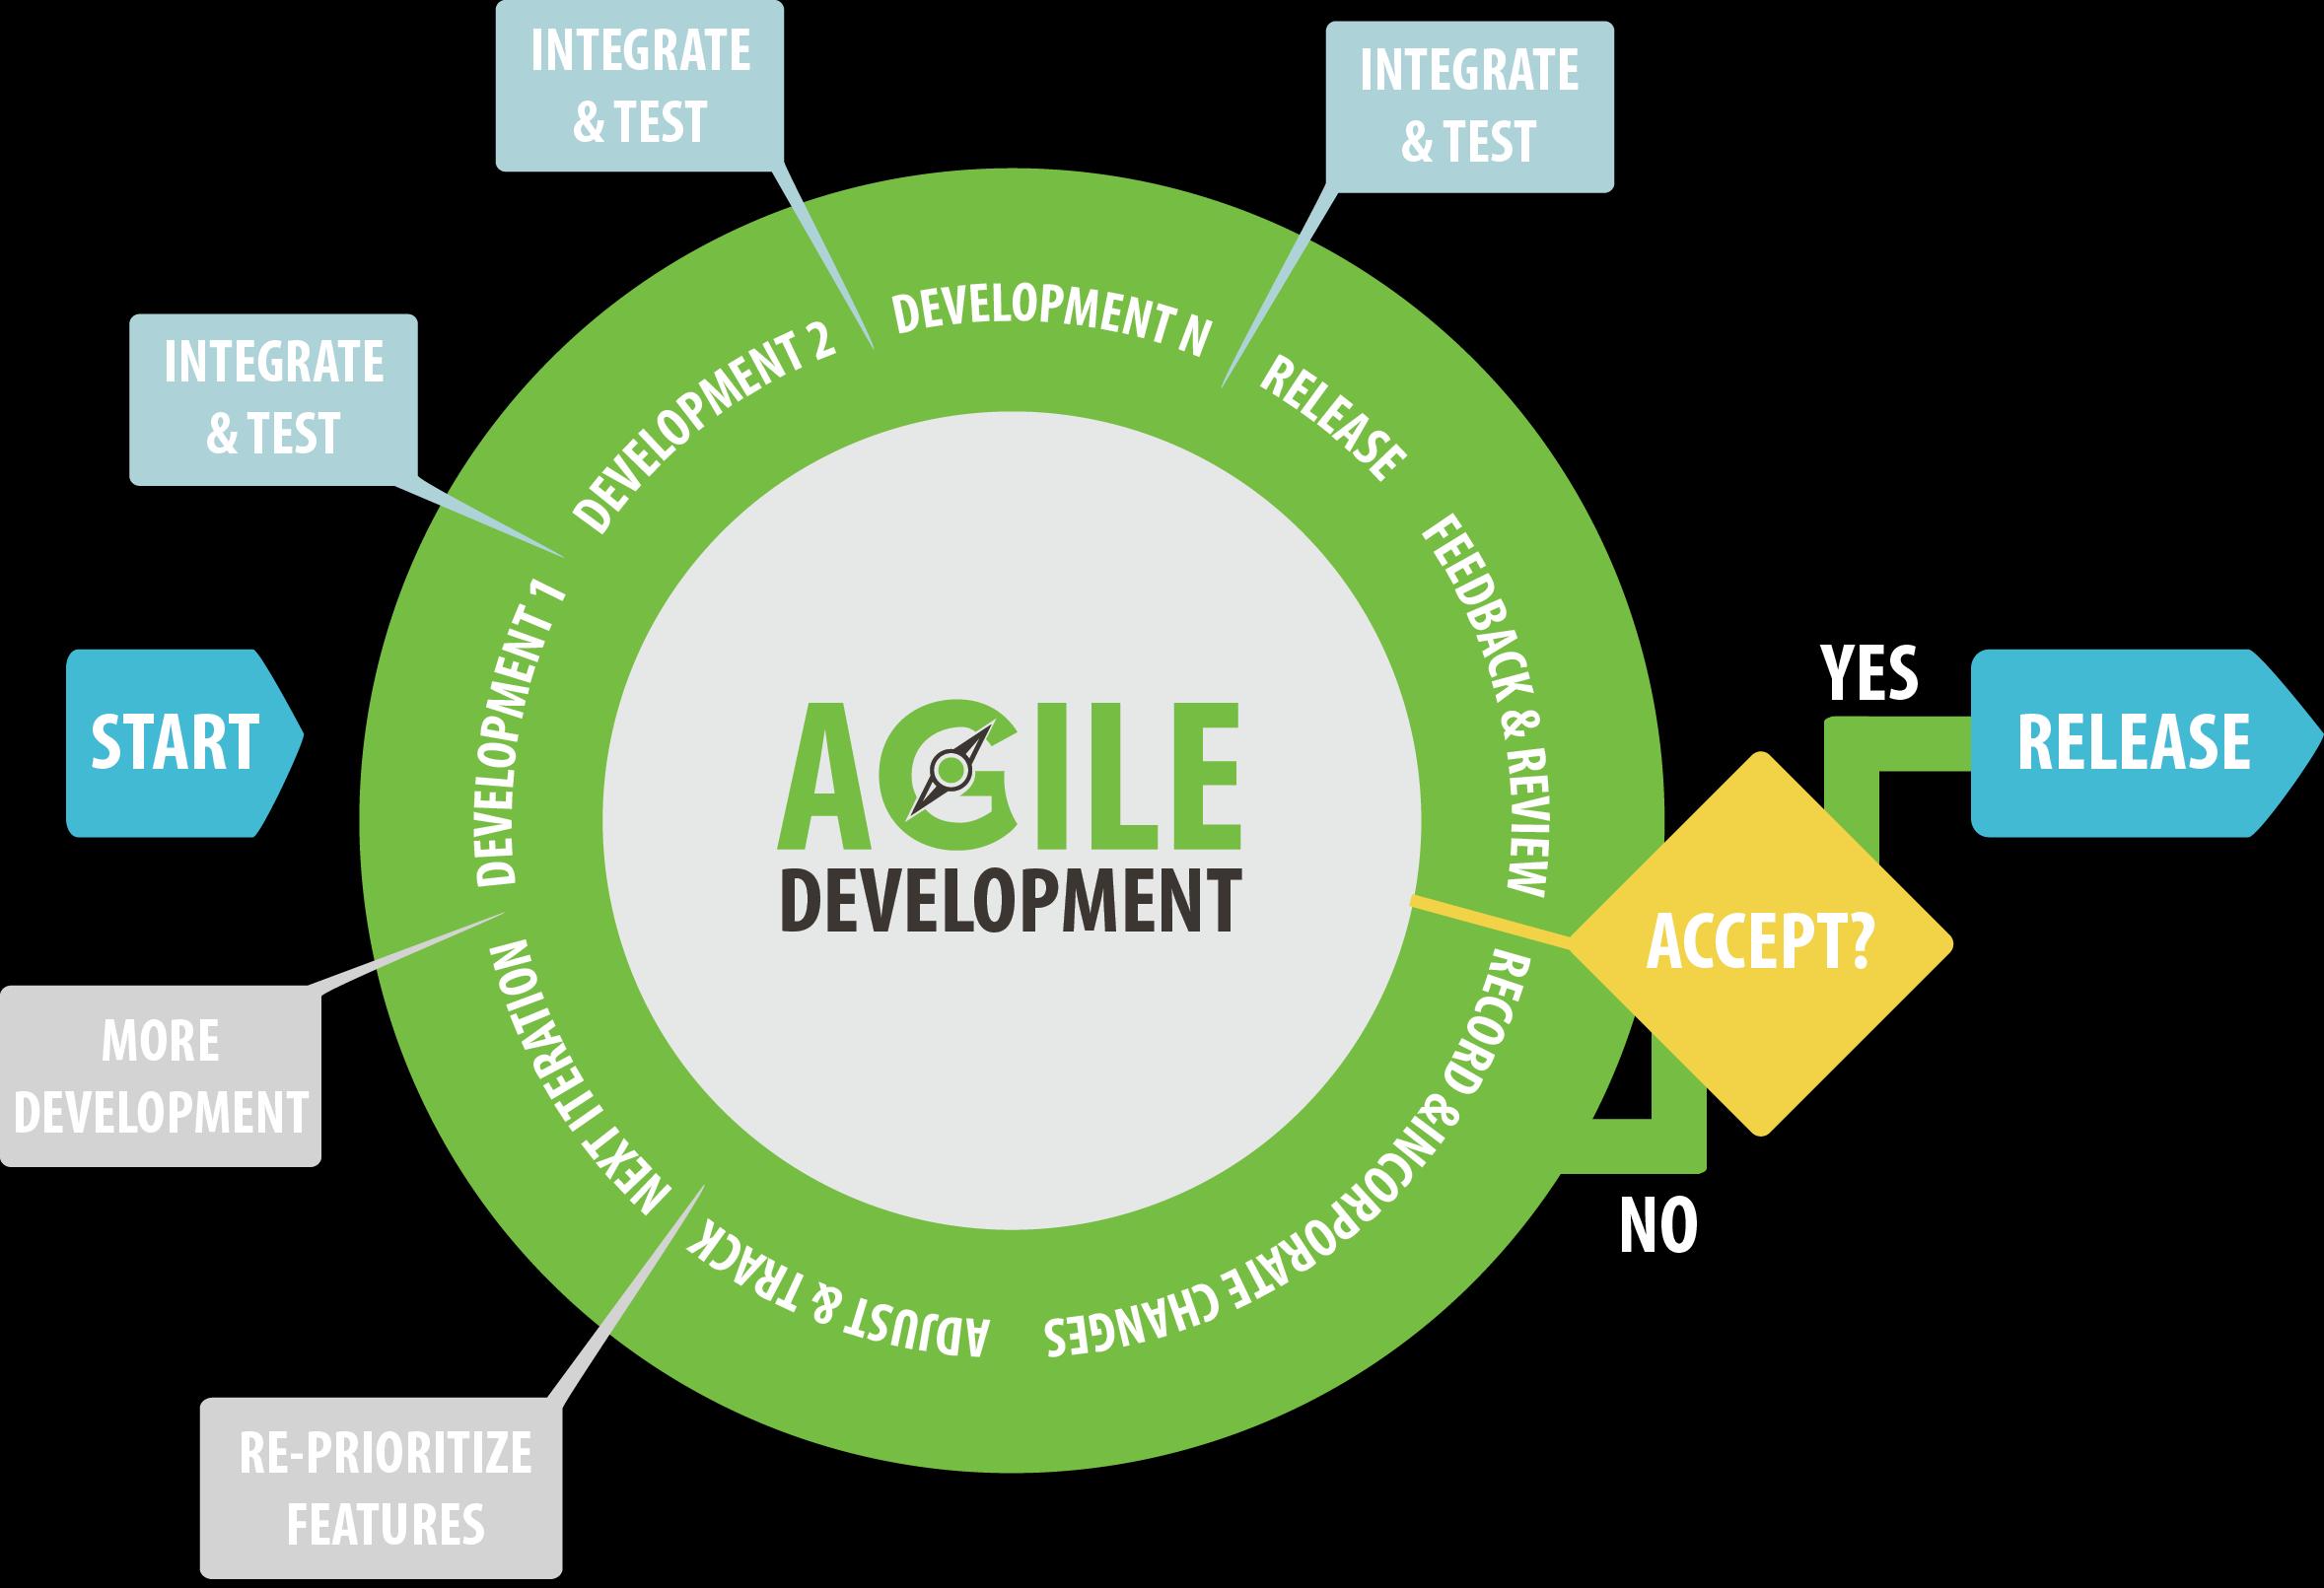 /agile-software-development-meets-modern-business-requirements-133l32en feature image